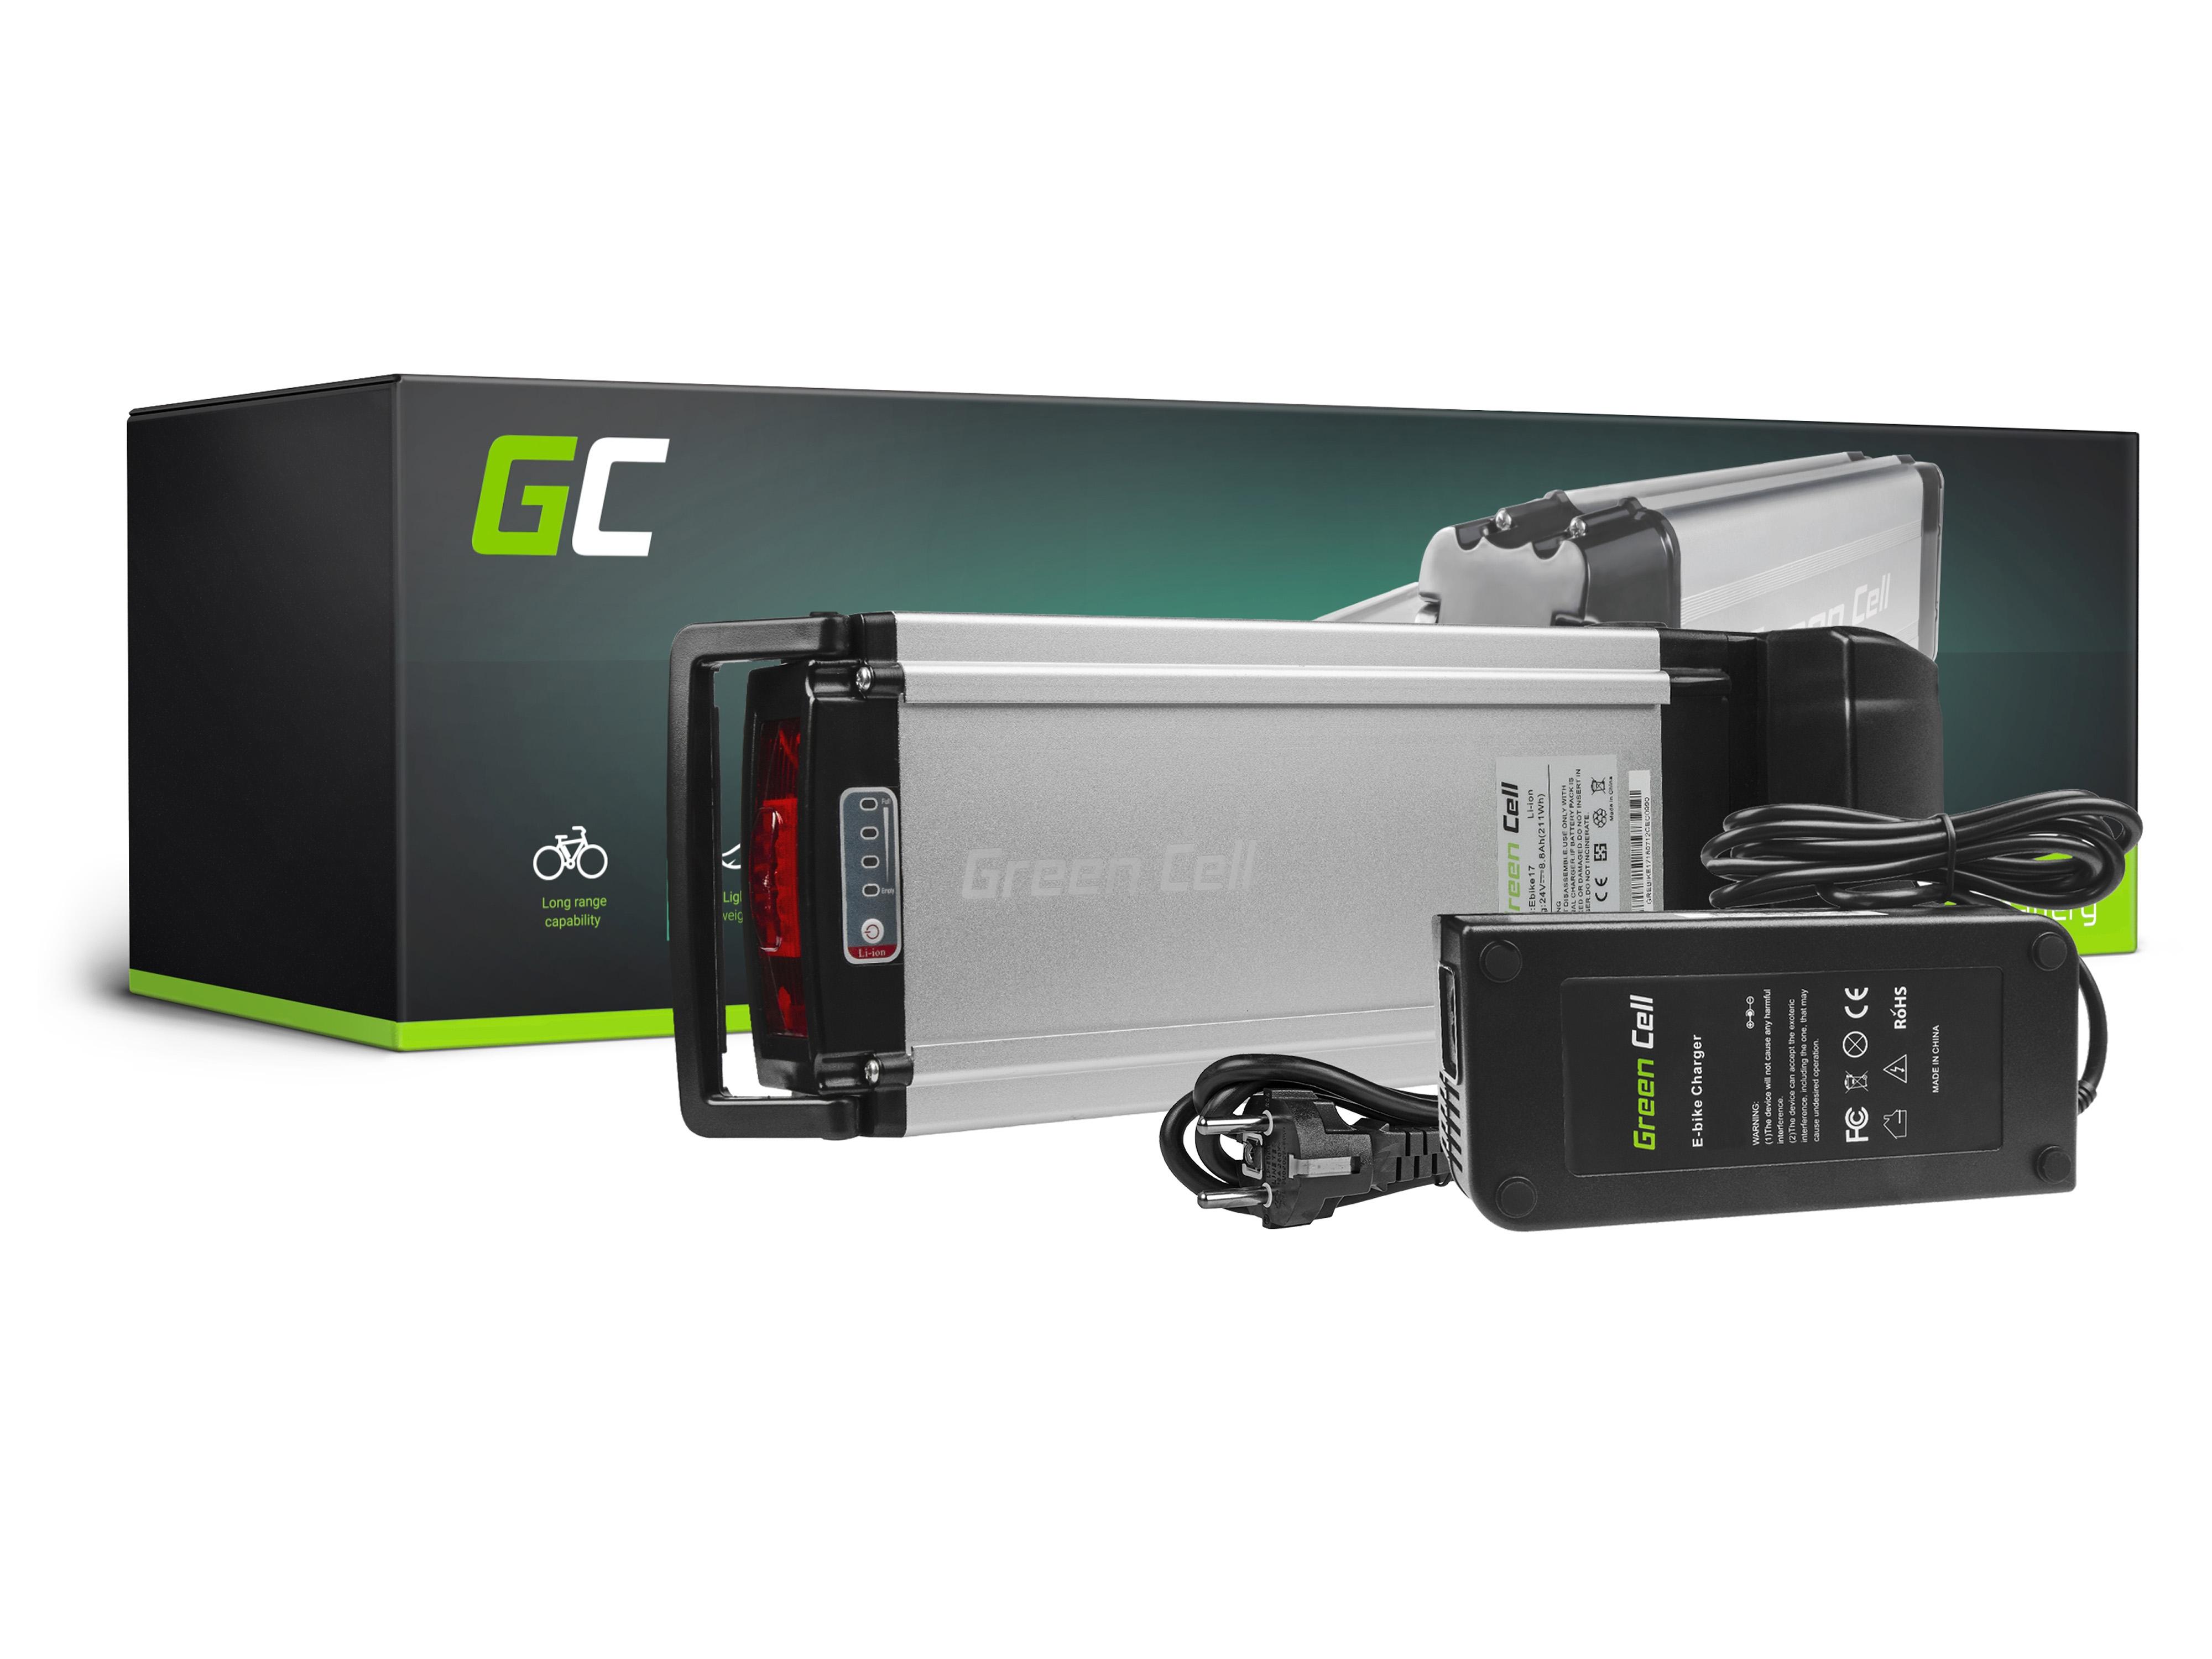 E-Bike 24V 8.8Ah Akku Pedelec Rear Rack Breeze Scott IZIP Batavus Crussis Fahrradteile & -komponenten Elektrofahrradteile